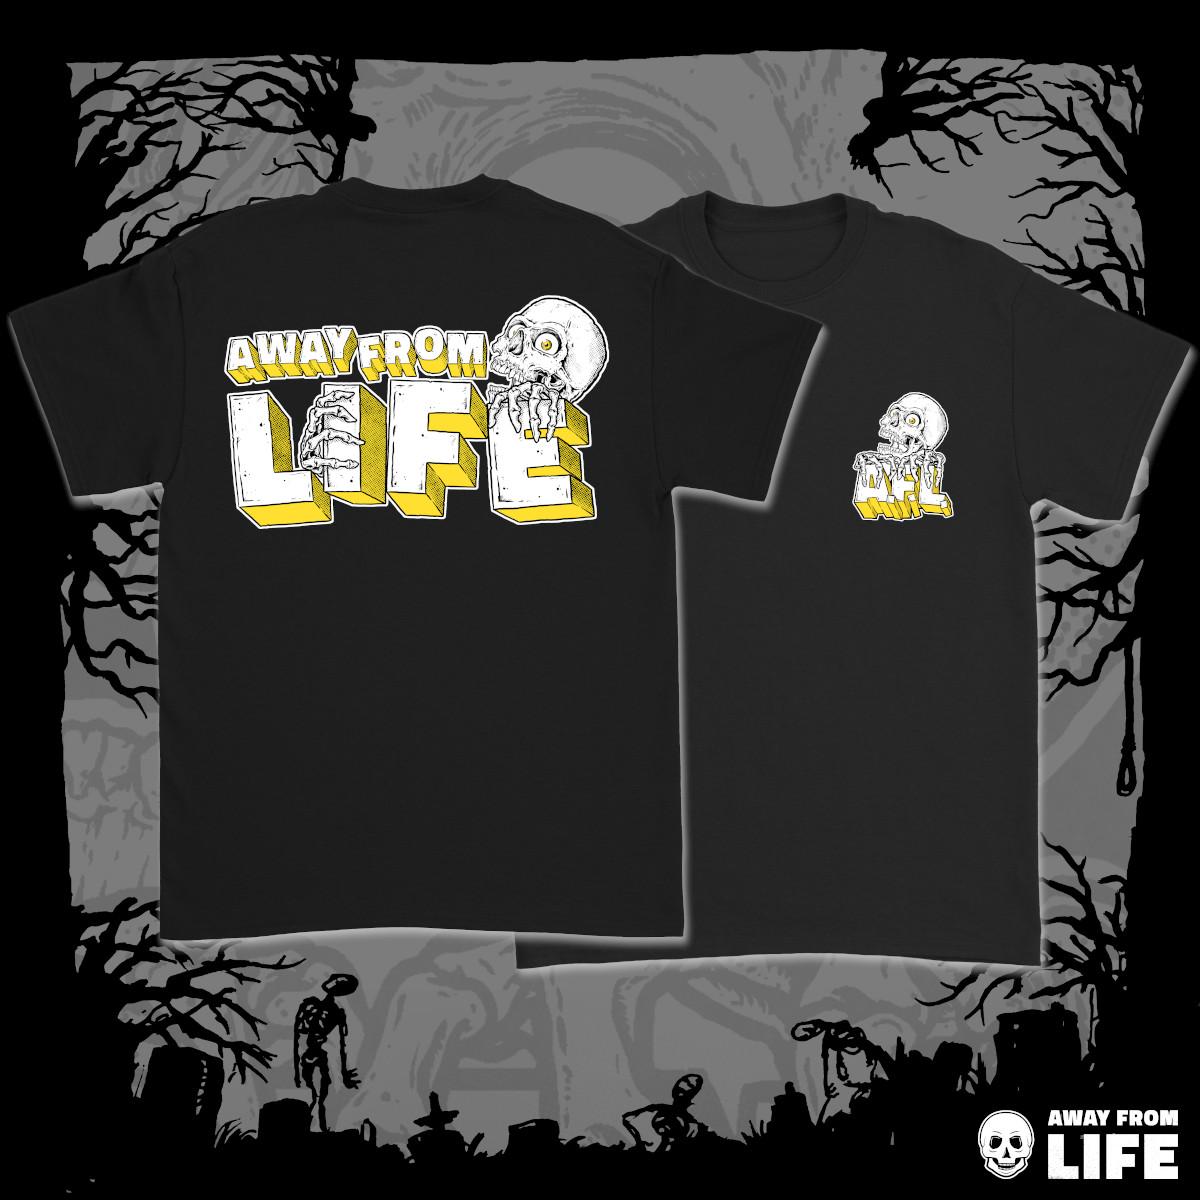 AWAY FROM LIFE - Reaper [schwarzes T-Shirt, zweiseitig mehrfarbig bedruckt]